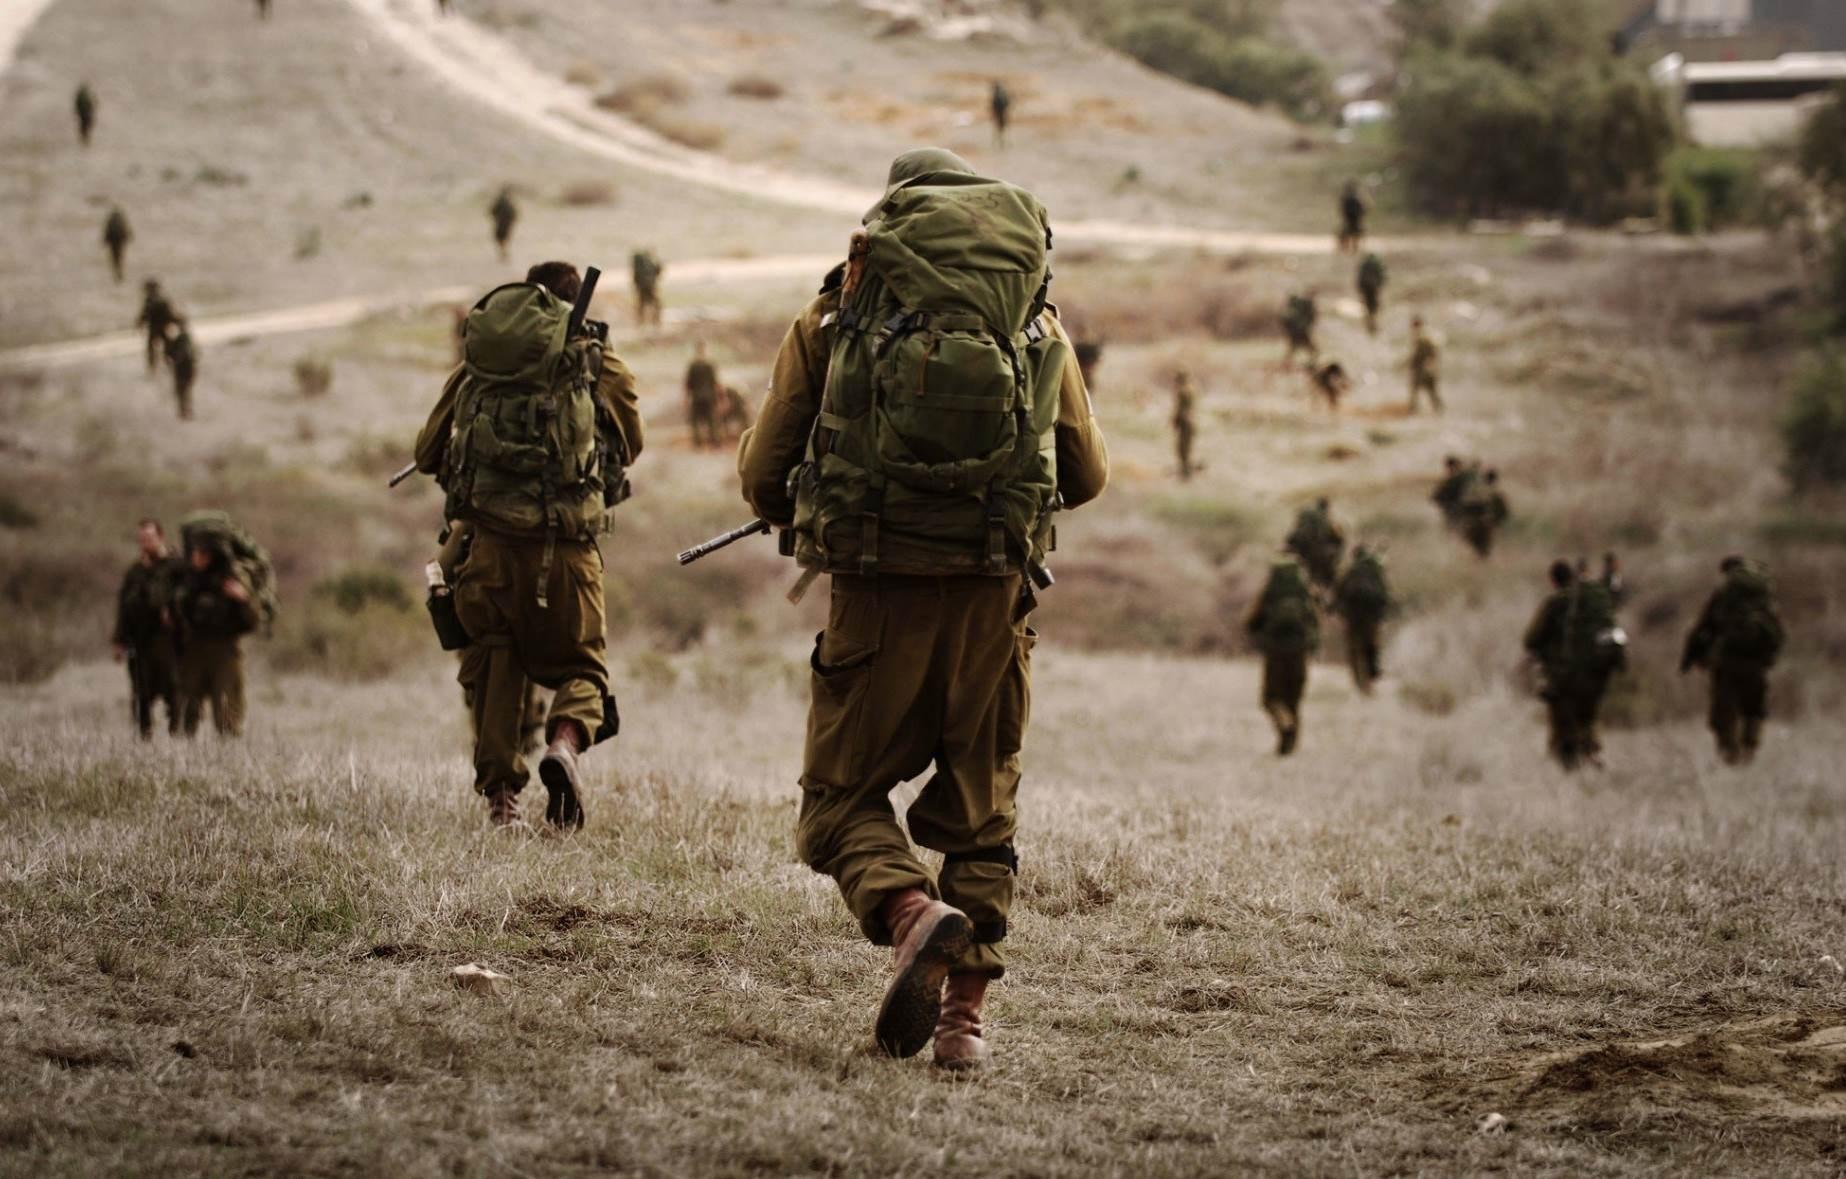 وسائل إعلام إسرائيلية: تشخيص خاطئ أدّى إلى حال الاستنفار في منطقة الجليل الغربيّ